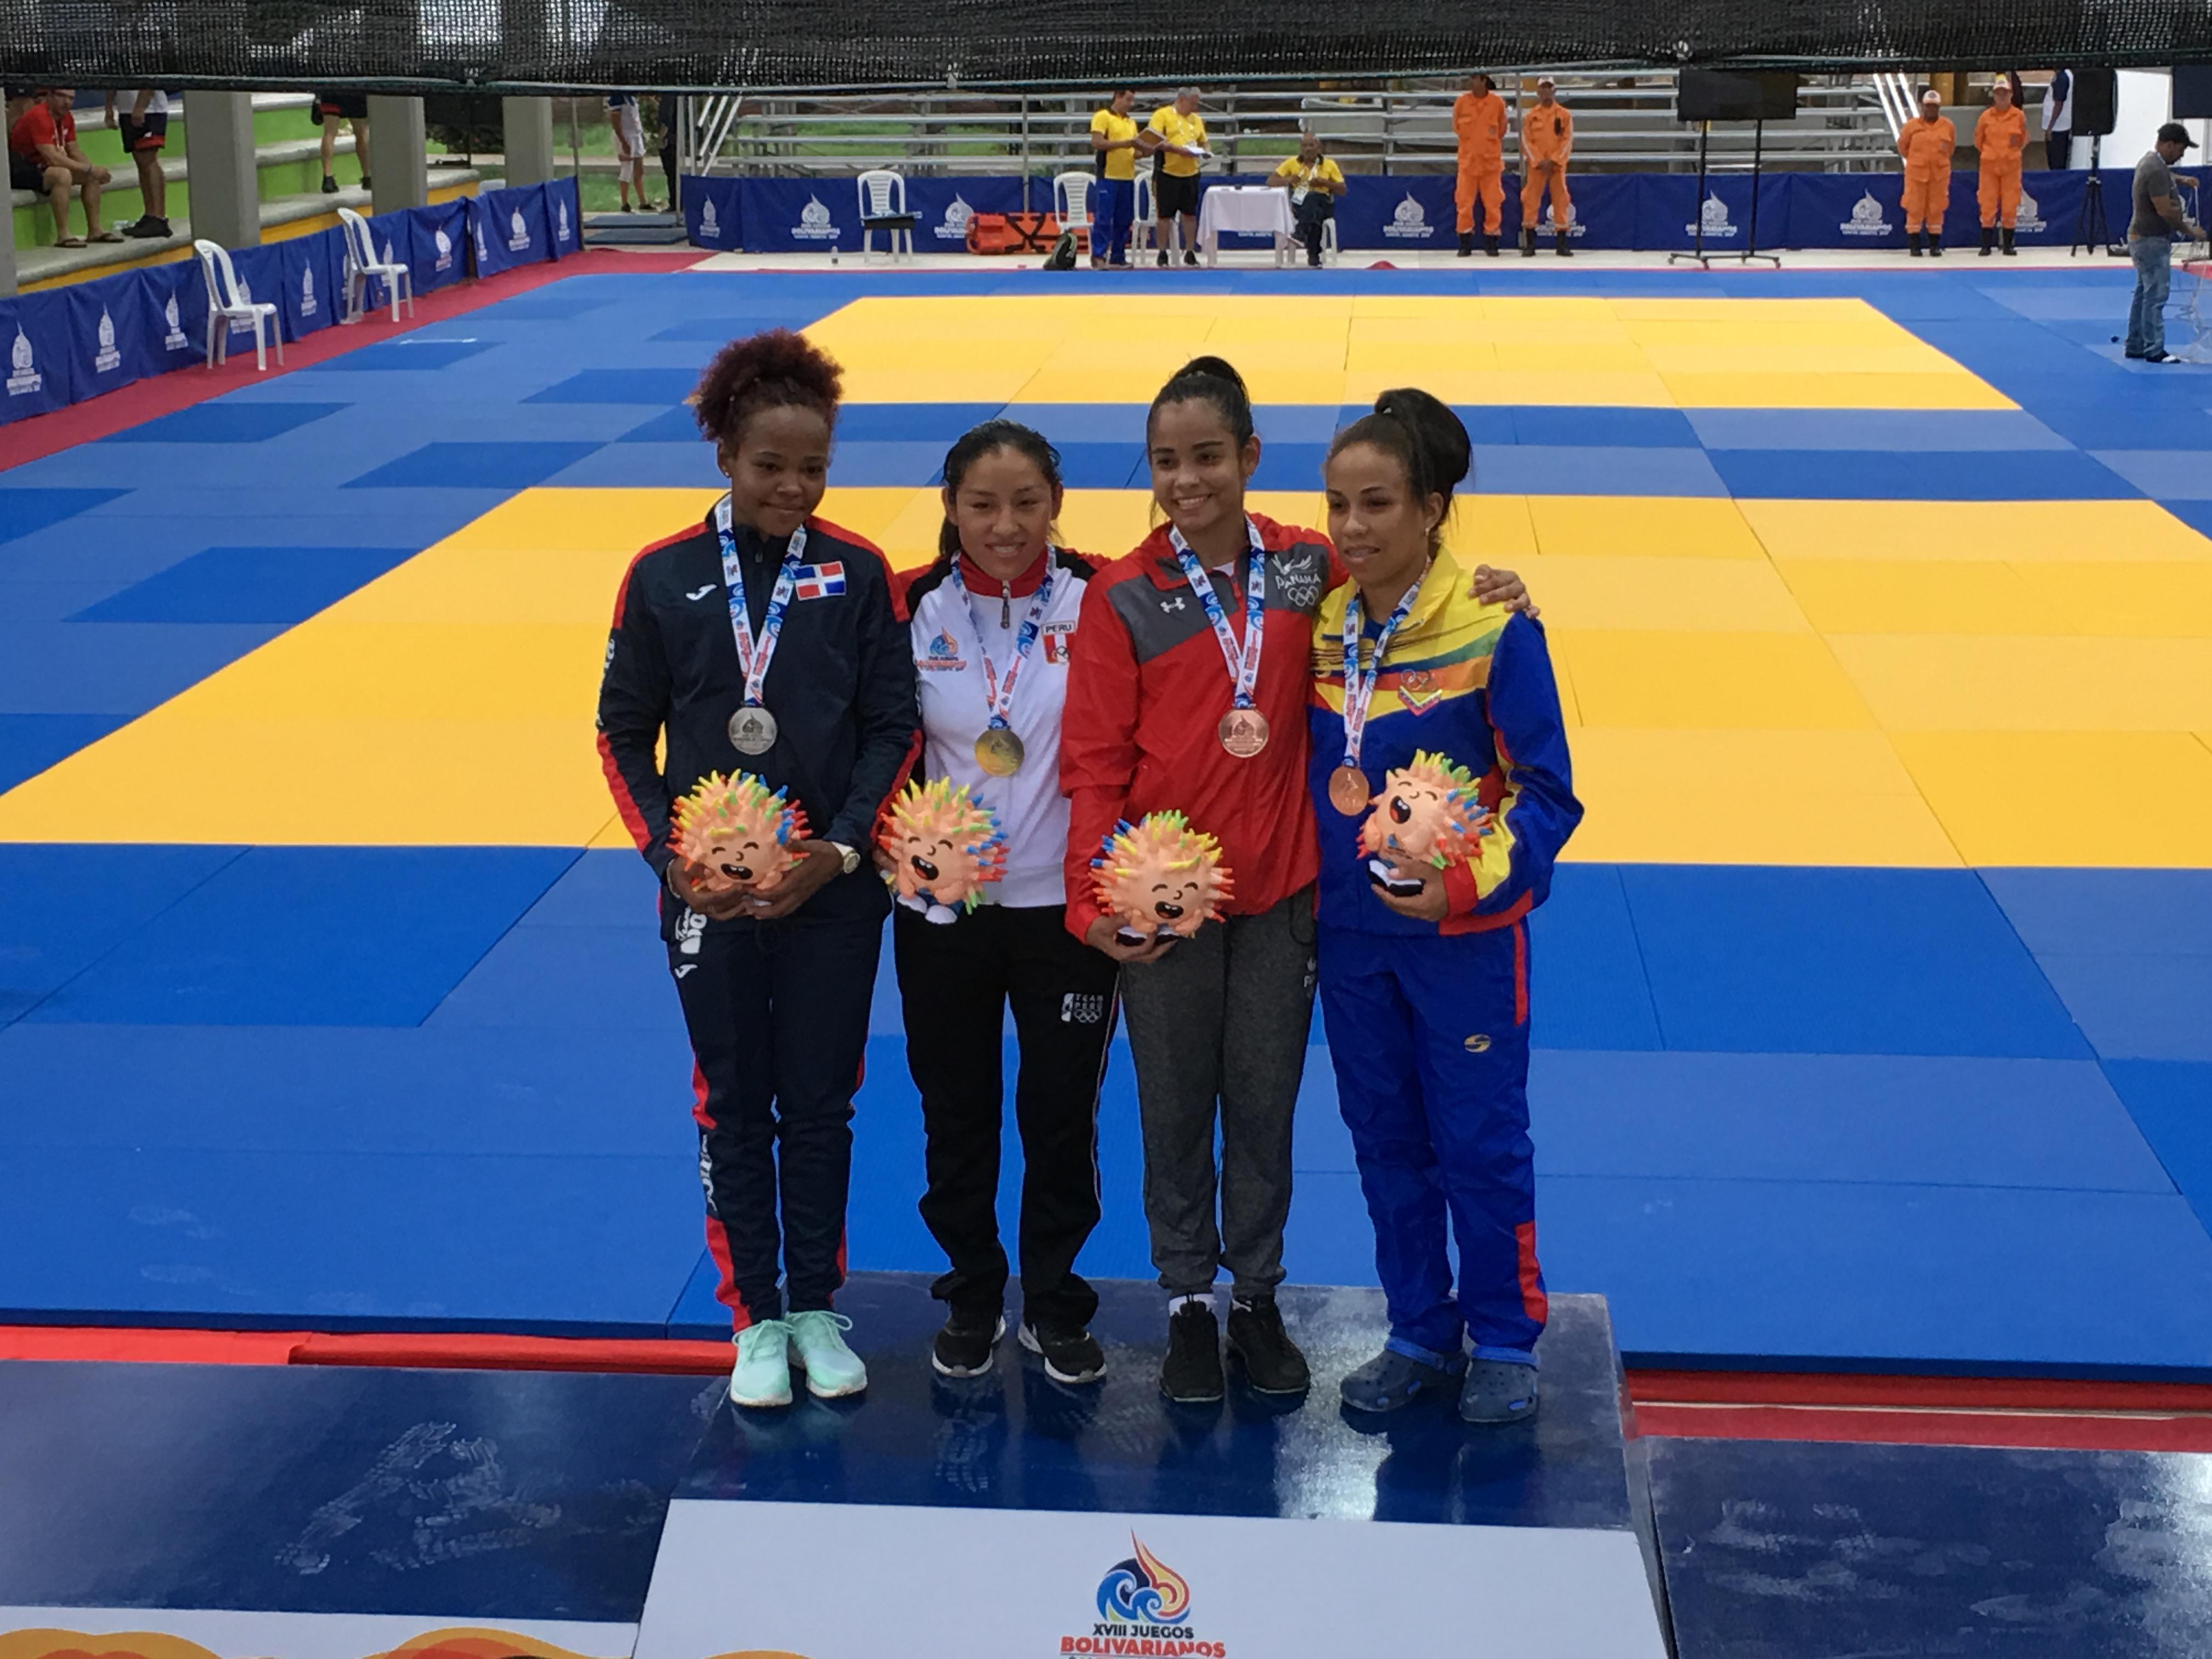 Judocas Diana y Rosa se quedan con sendas medallas de plata